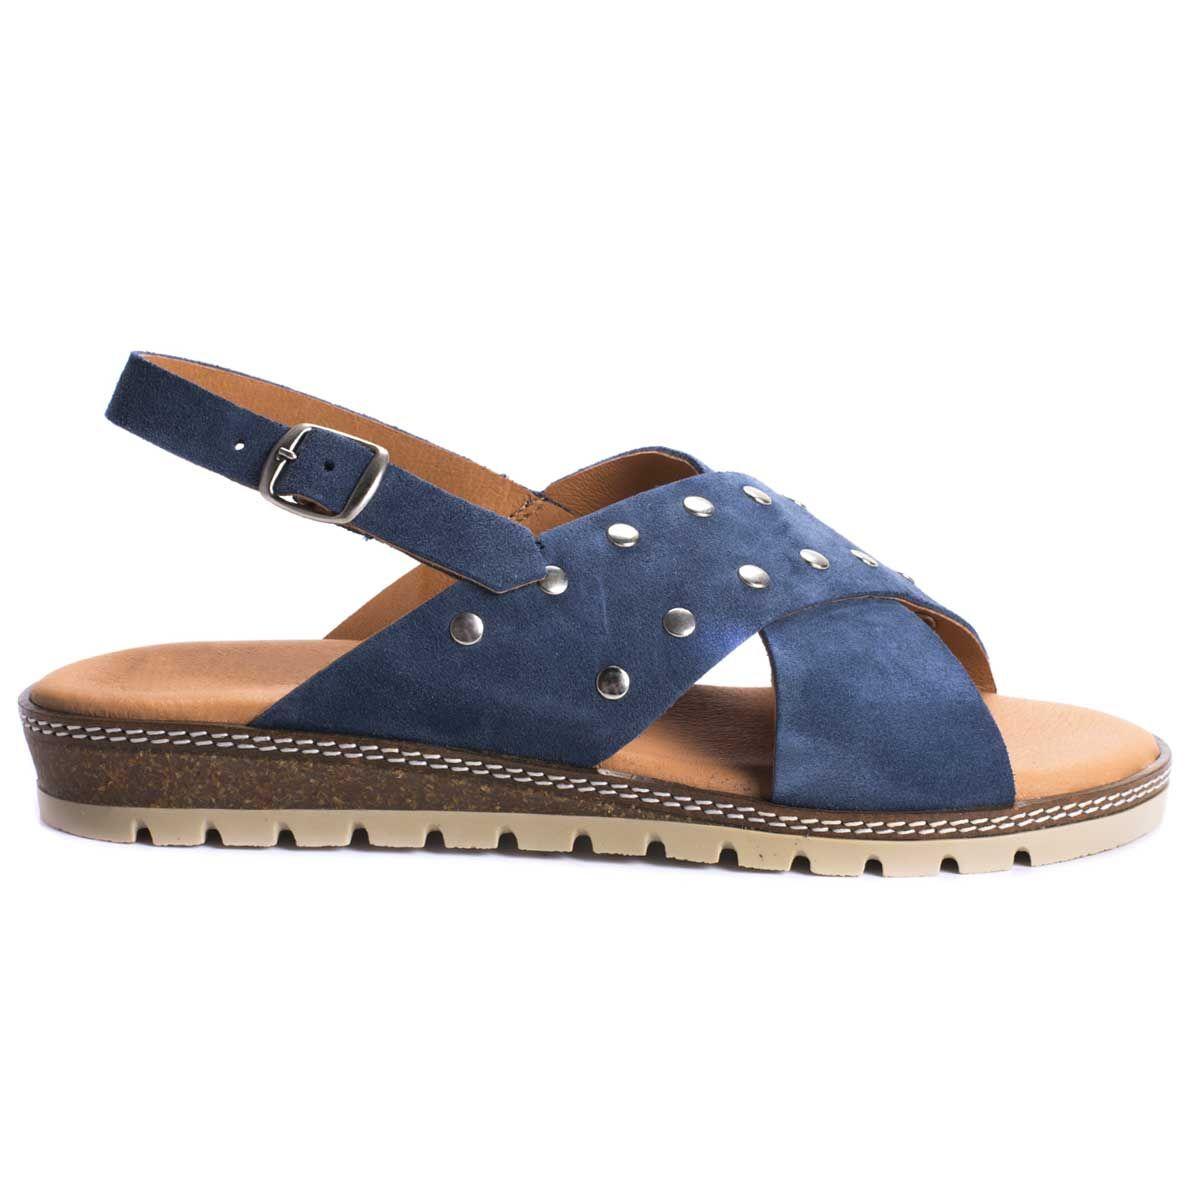 Purapiel Cross Strap Flat Sandal in Blue